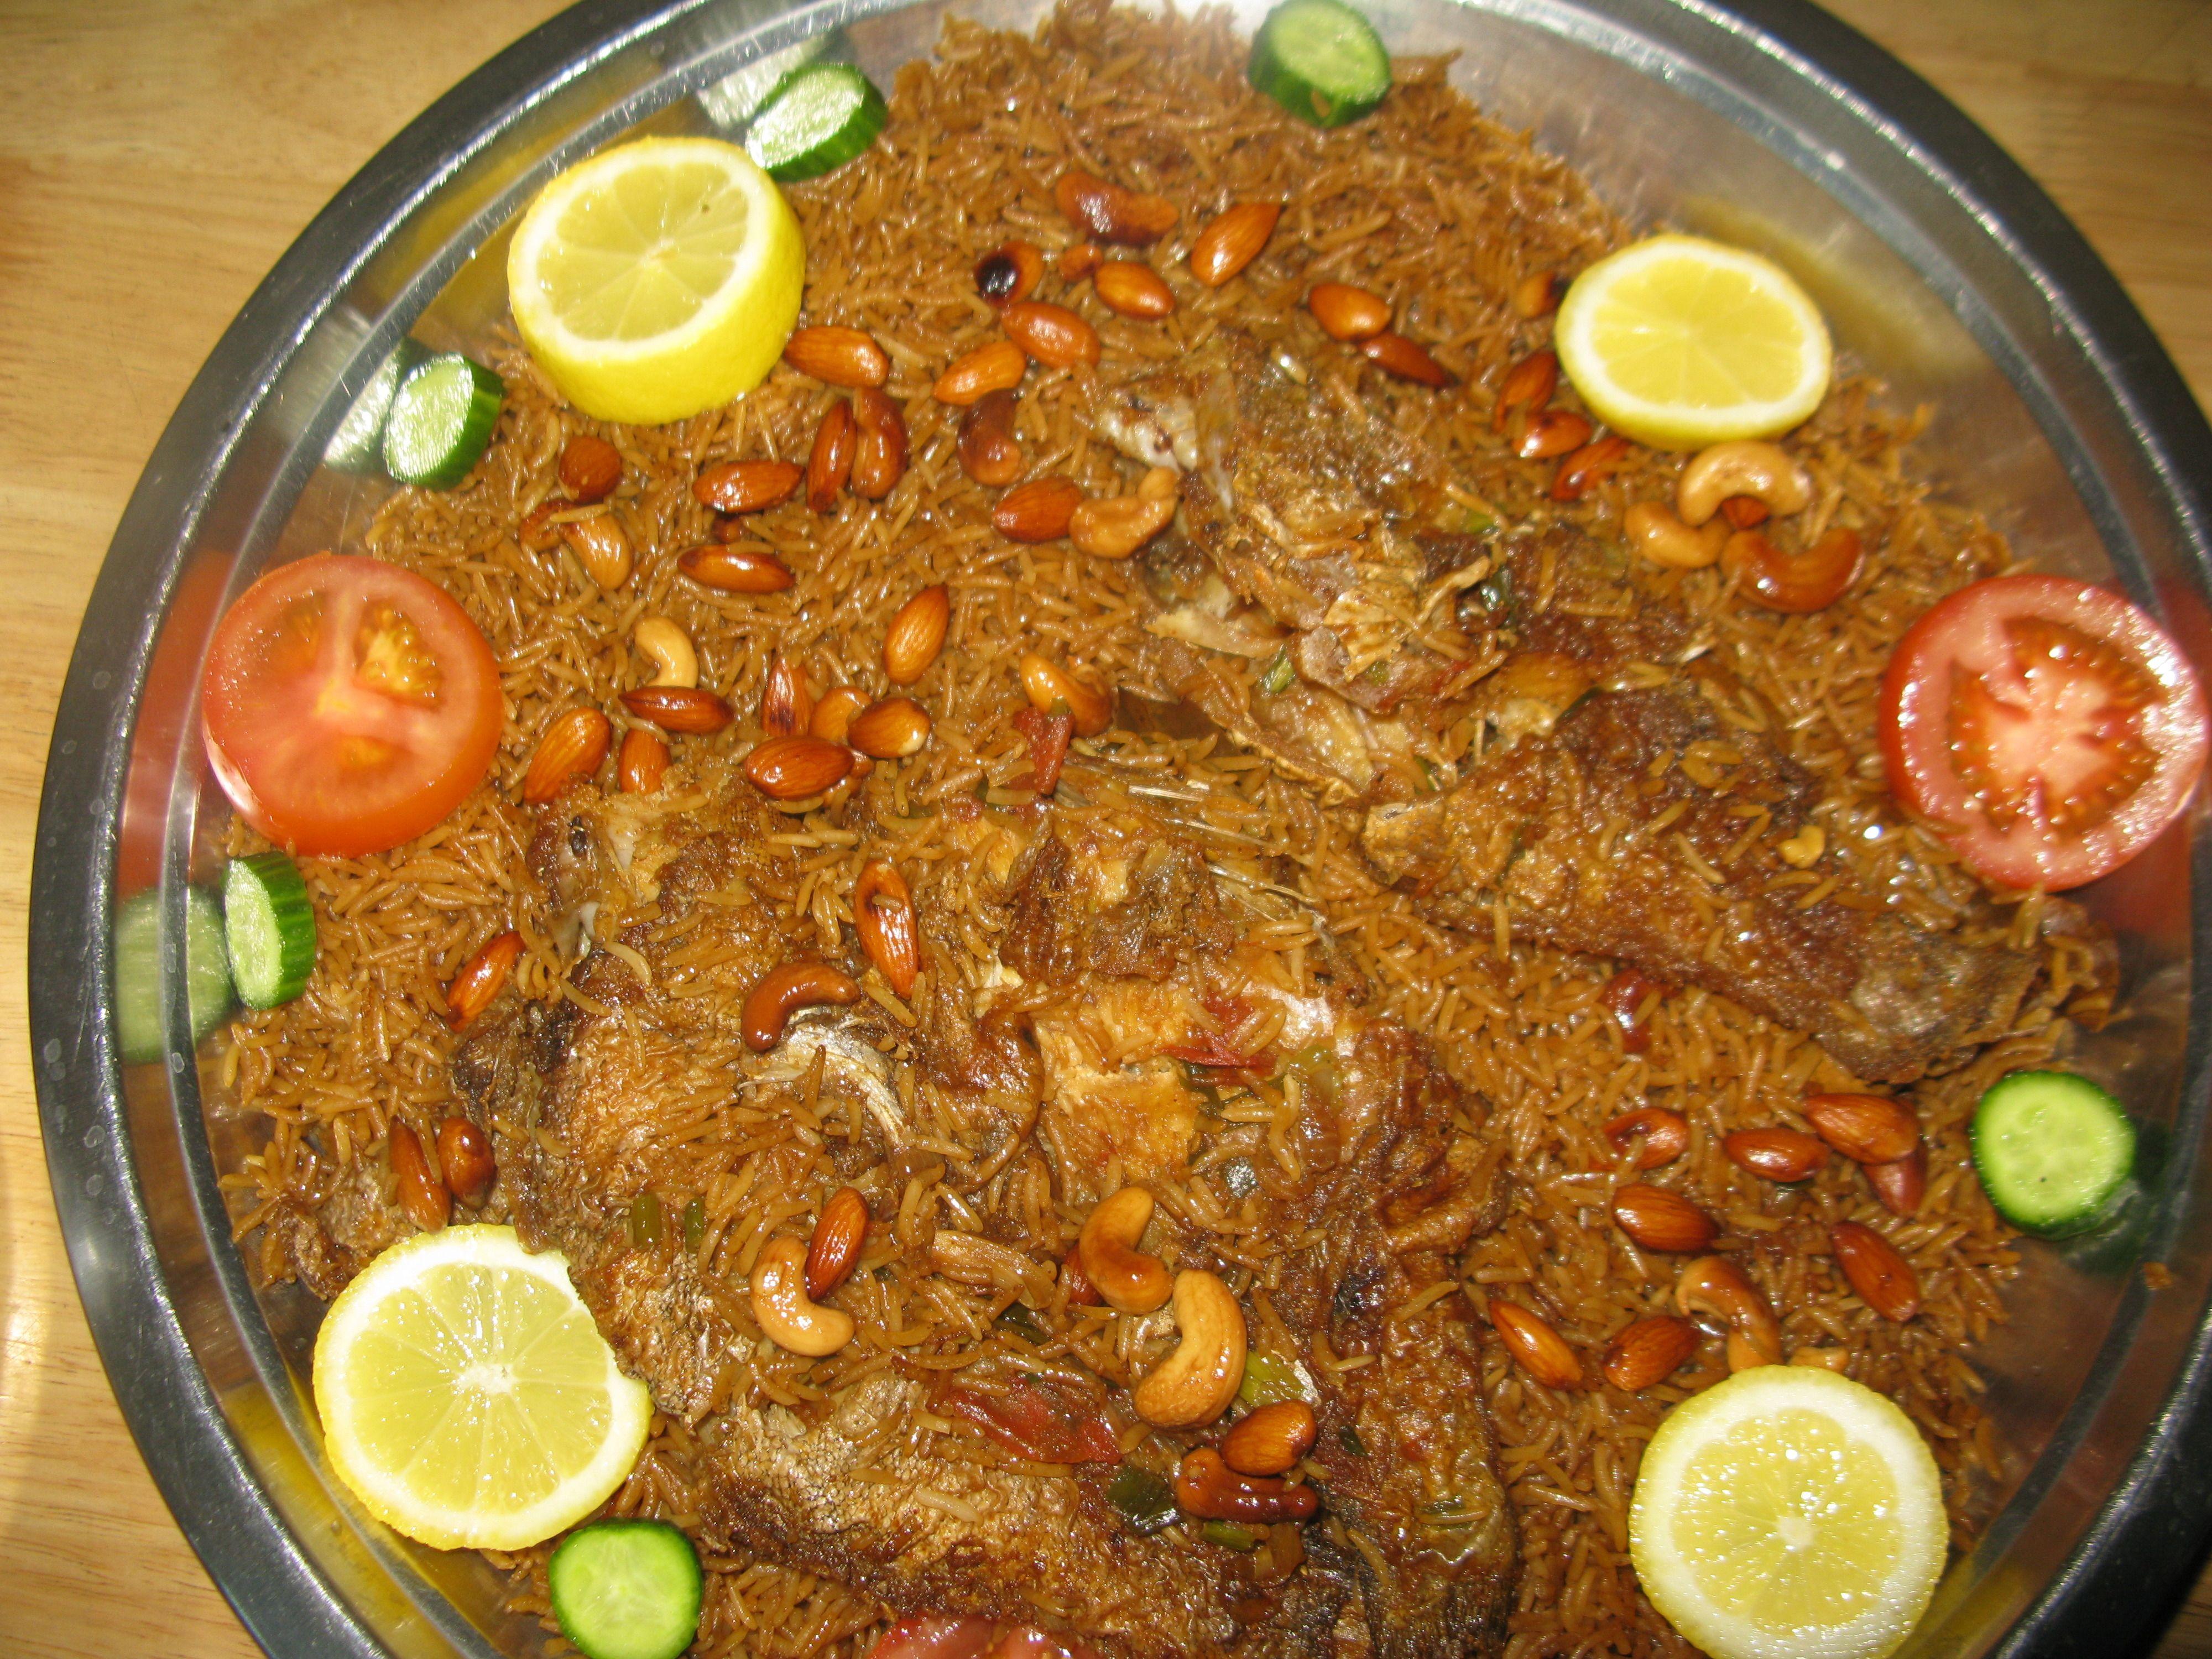 طريقة عمل صيادية السمك المصرية موقع طبخة Food Soup Chili